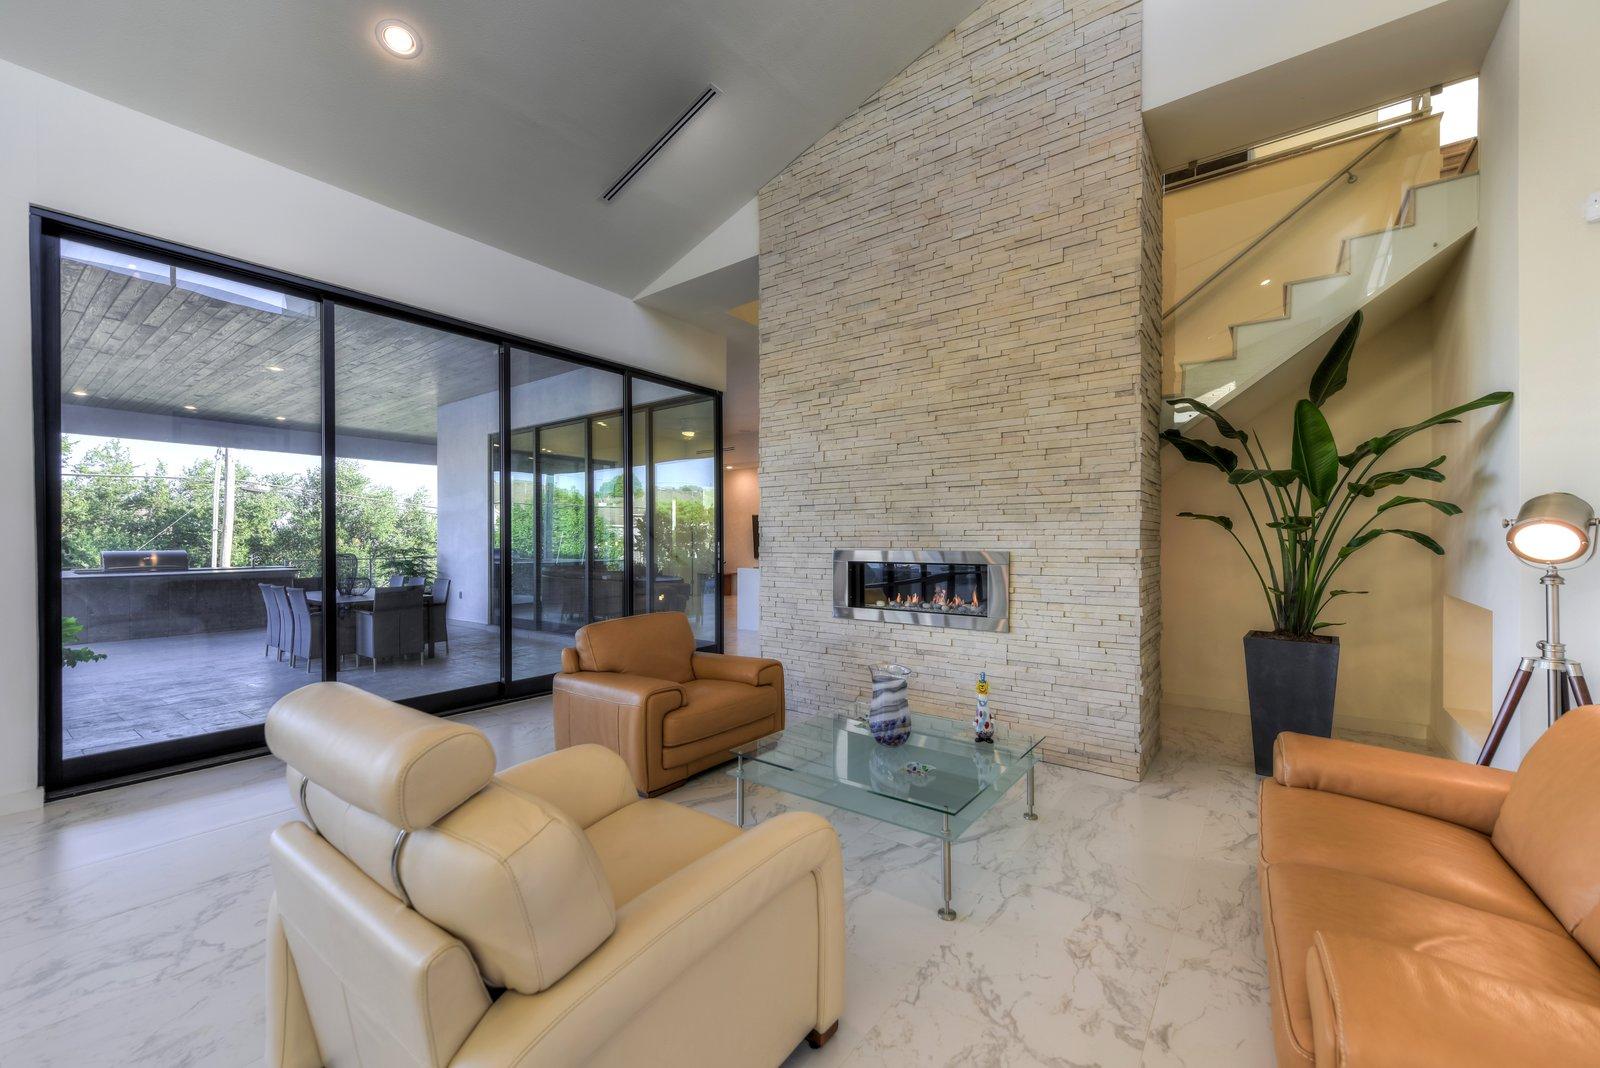 LIVING ROOM  ORVANANOS HOUSE by OSCAR E FLORES DESIGN STUDIO